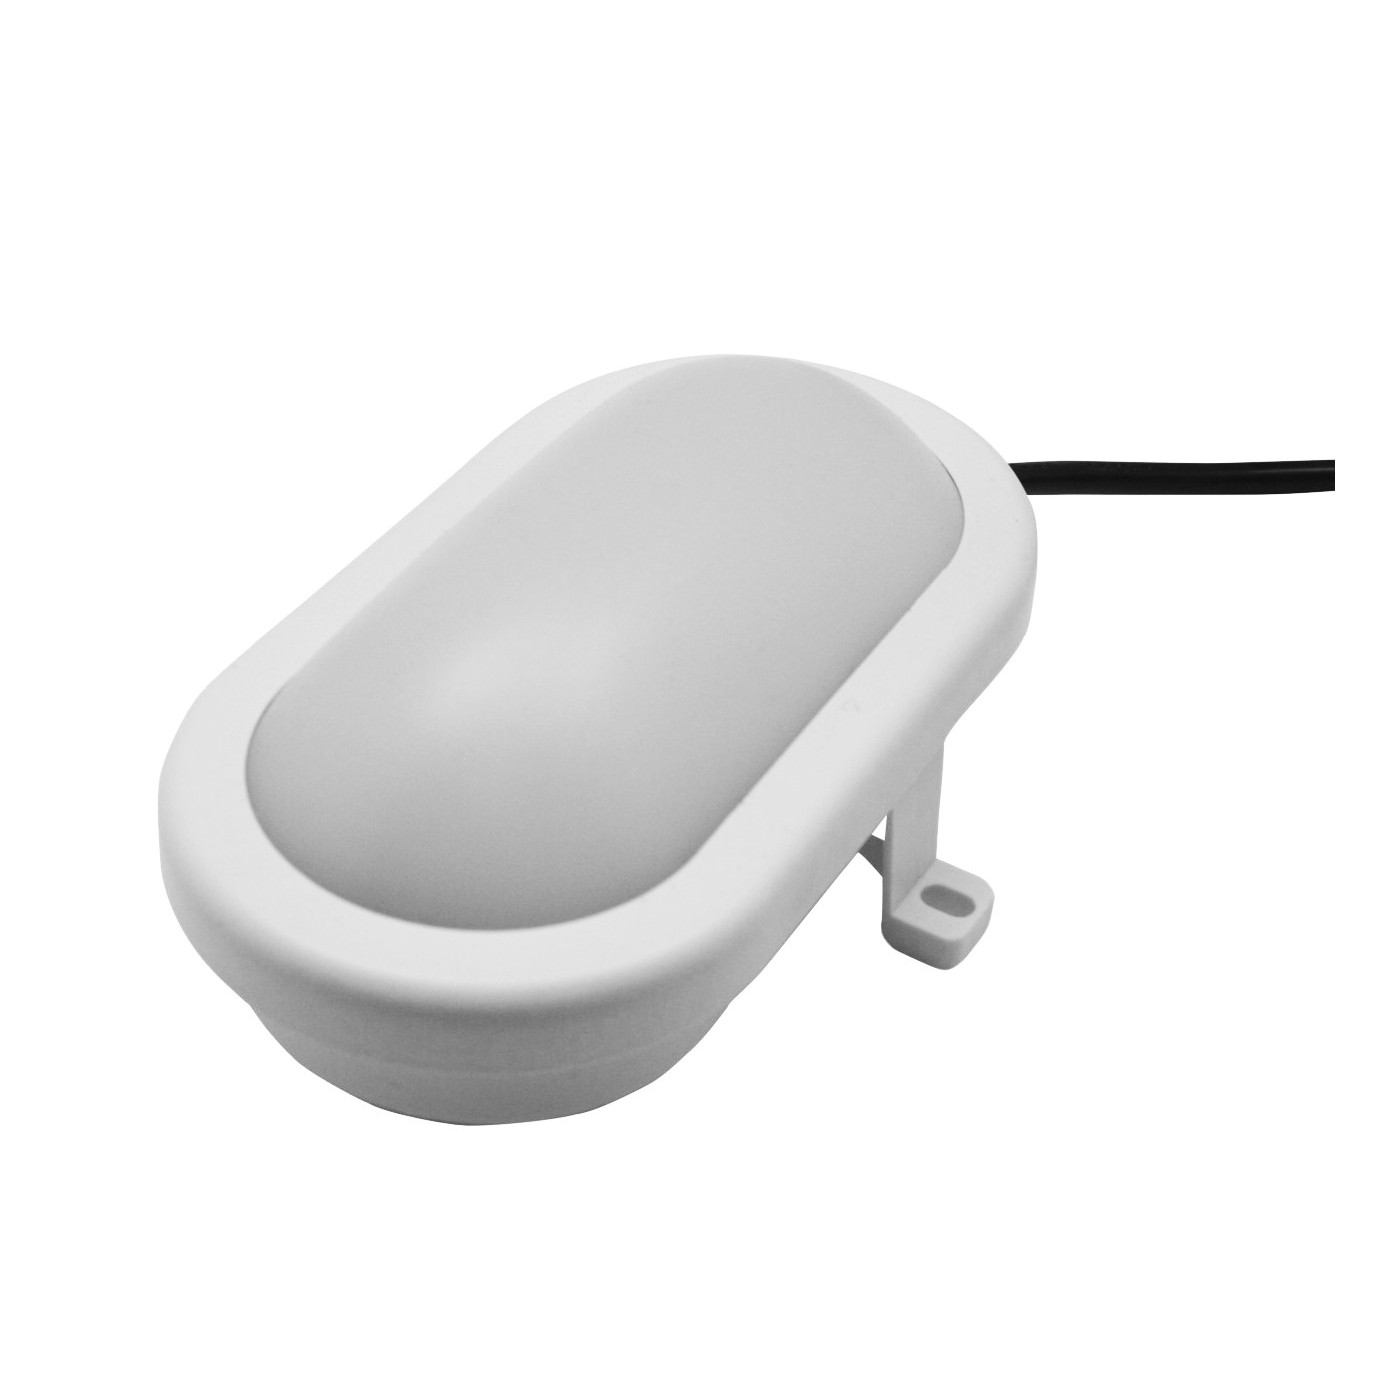 Bullseye outdoor lamp (220v, splash-proof, white)  - 1